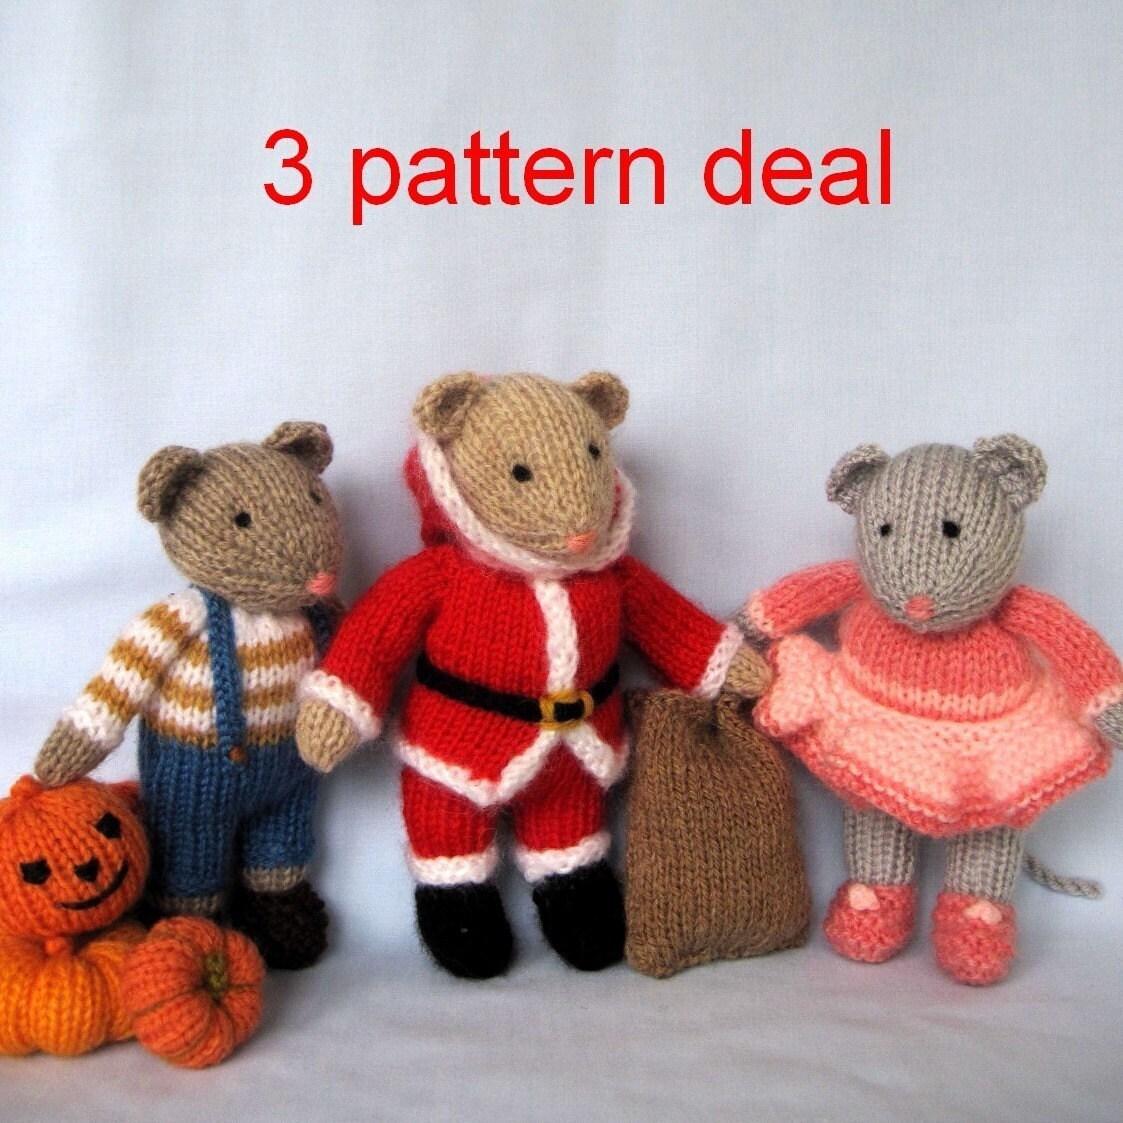 تصویر در تصویر ، سانتا و دارسی -- 3 الگوی معامله -- عروسک اسباب بازی knitted موس -- ایمیل اف بافندگی الگوی